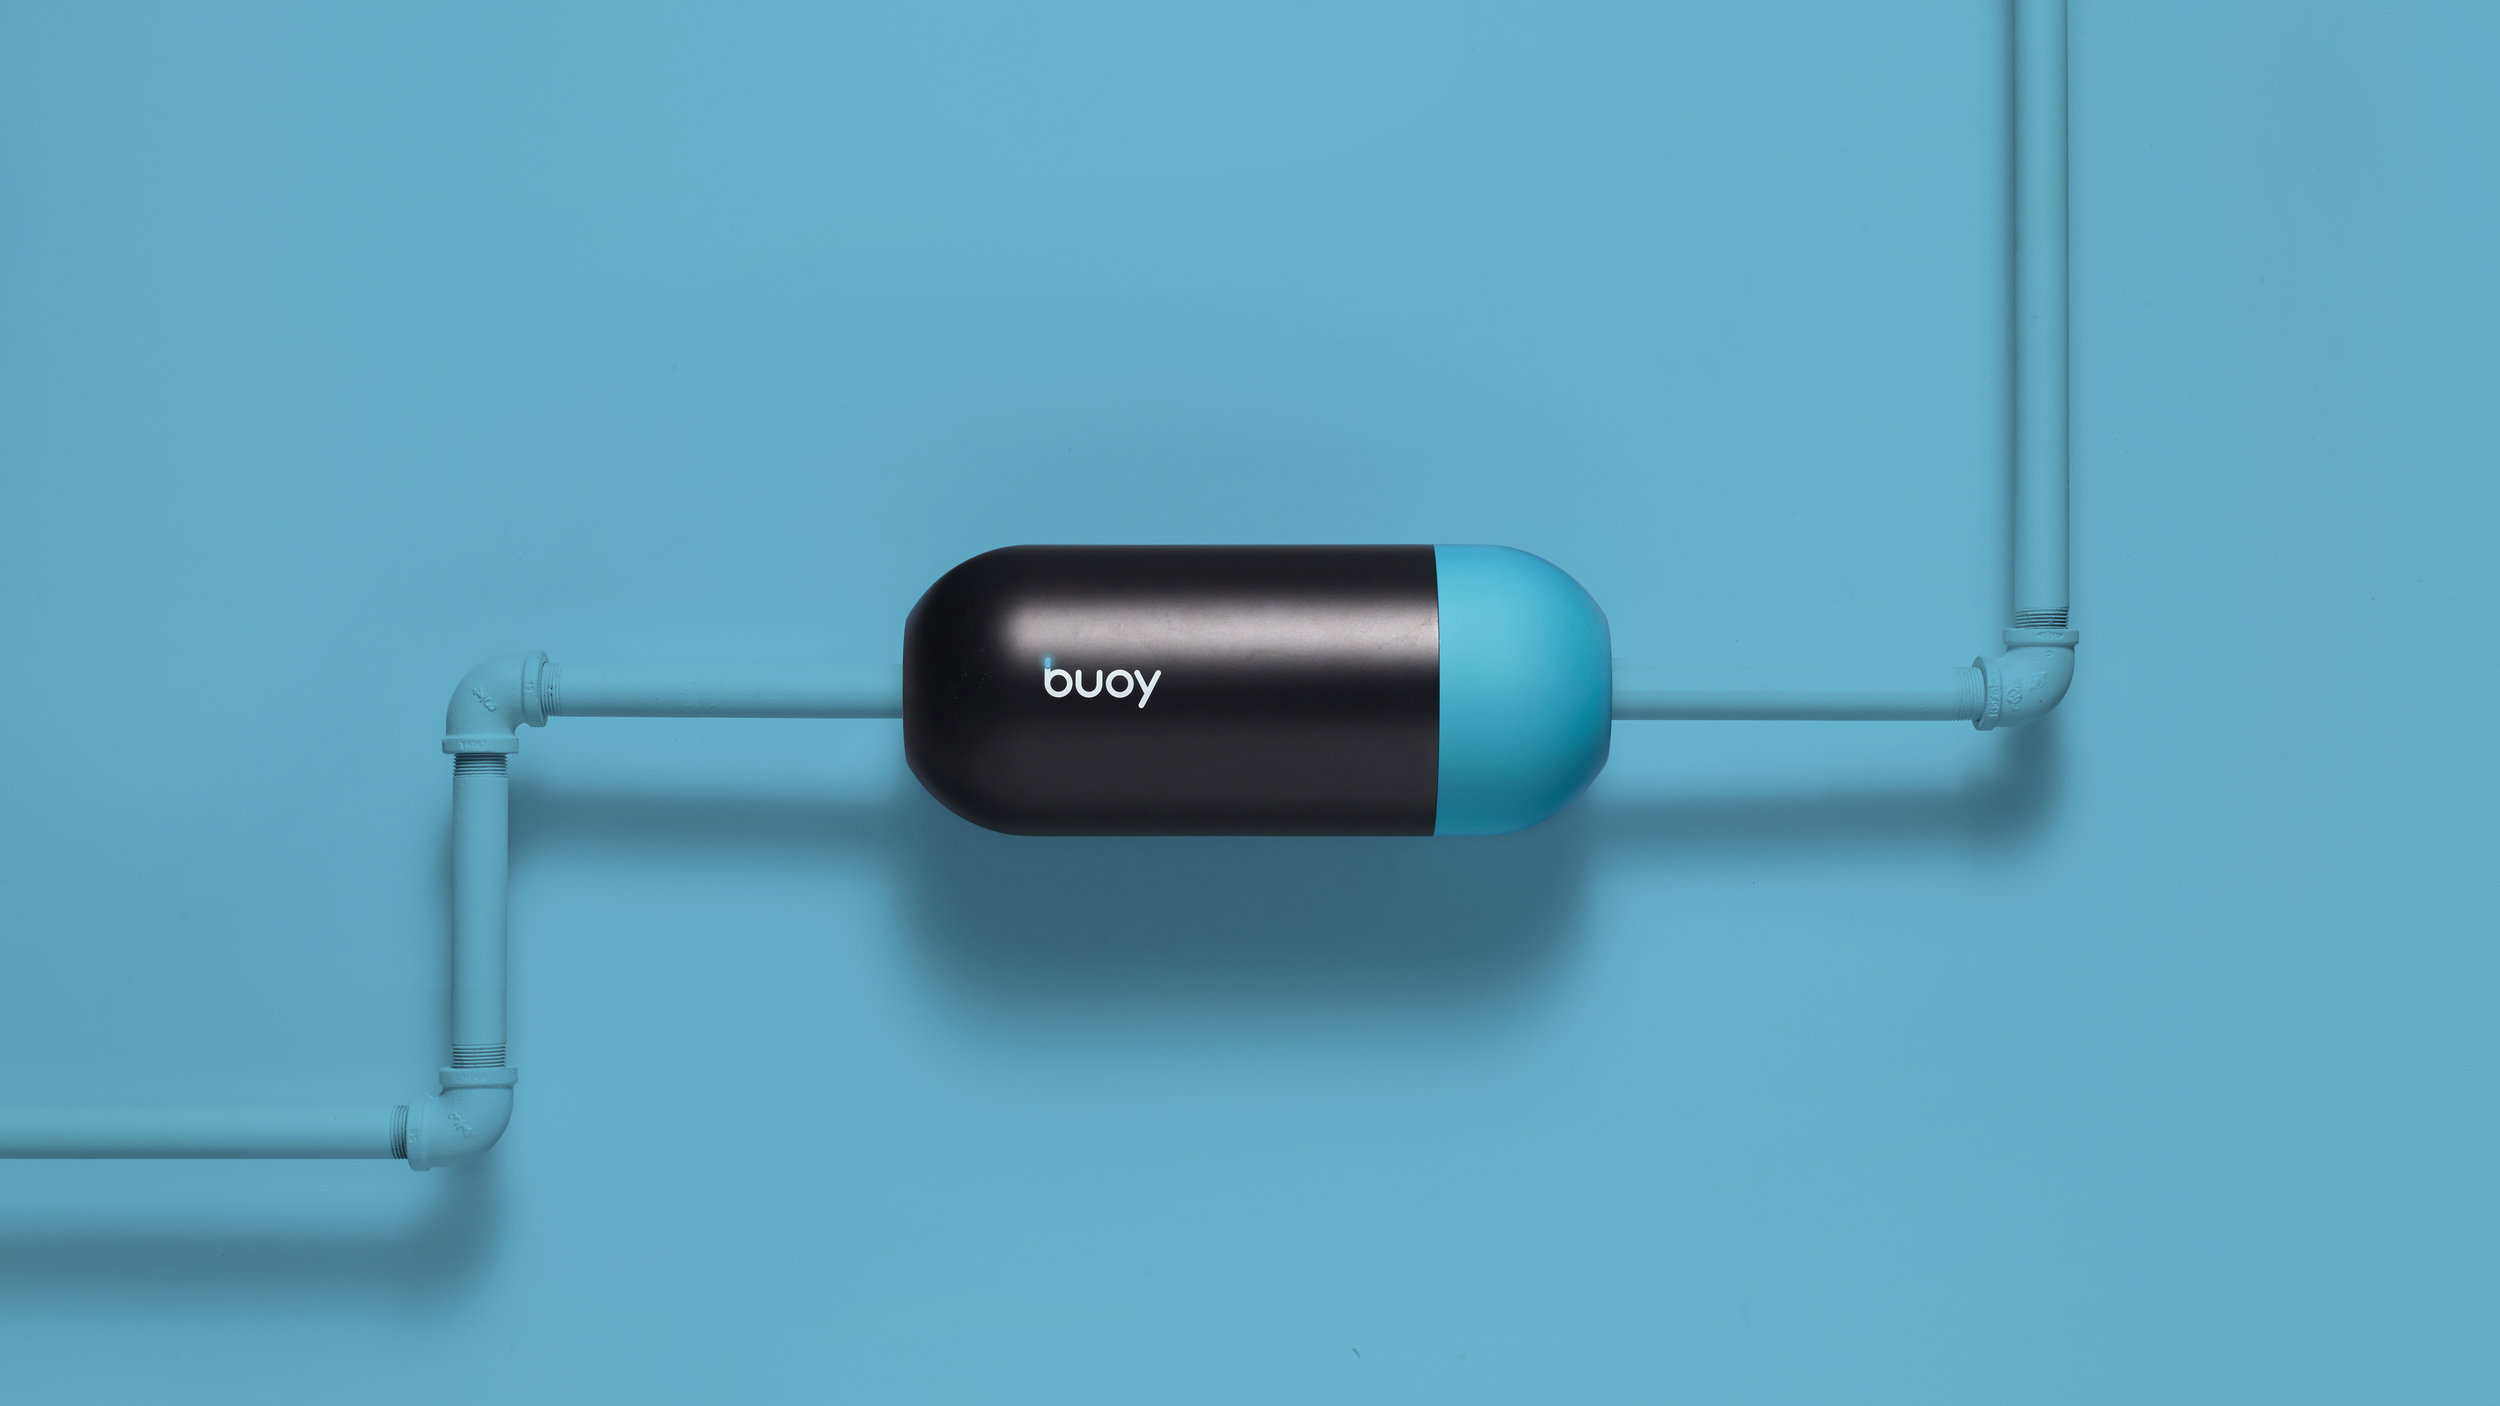 Buoy    Smart water meter